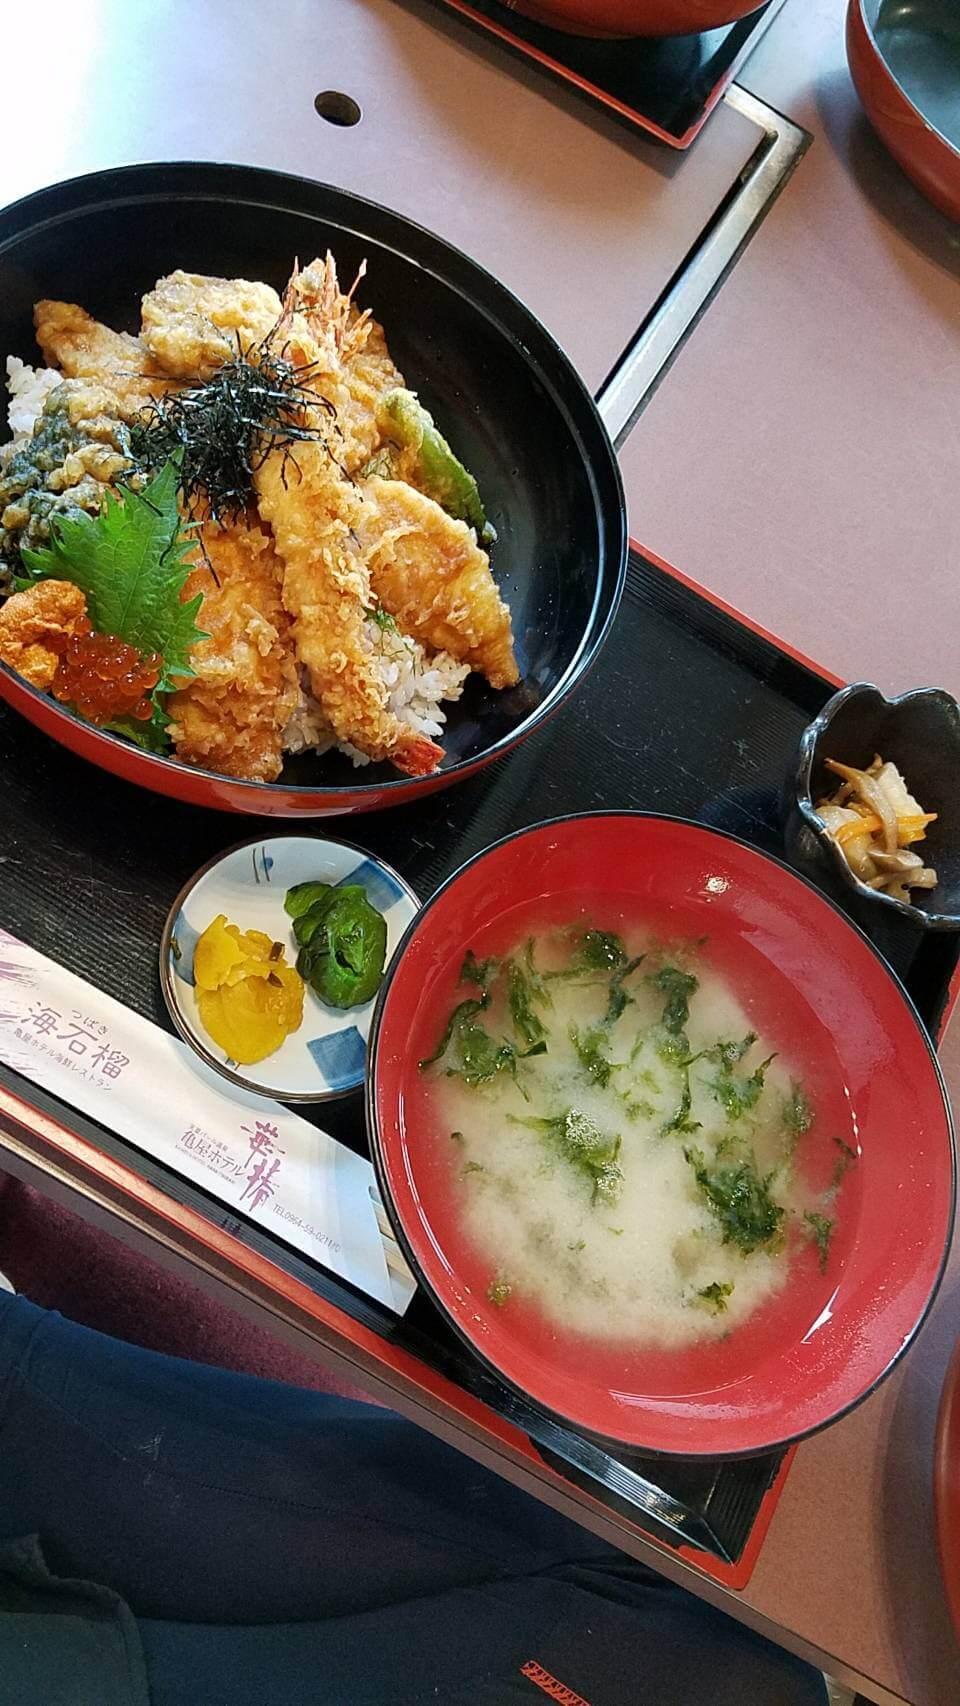 【海石榴(つばき)】天草の魚介に舌鼓。まさに‼︎開けてビックリ⁉︎ビックリ丼!